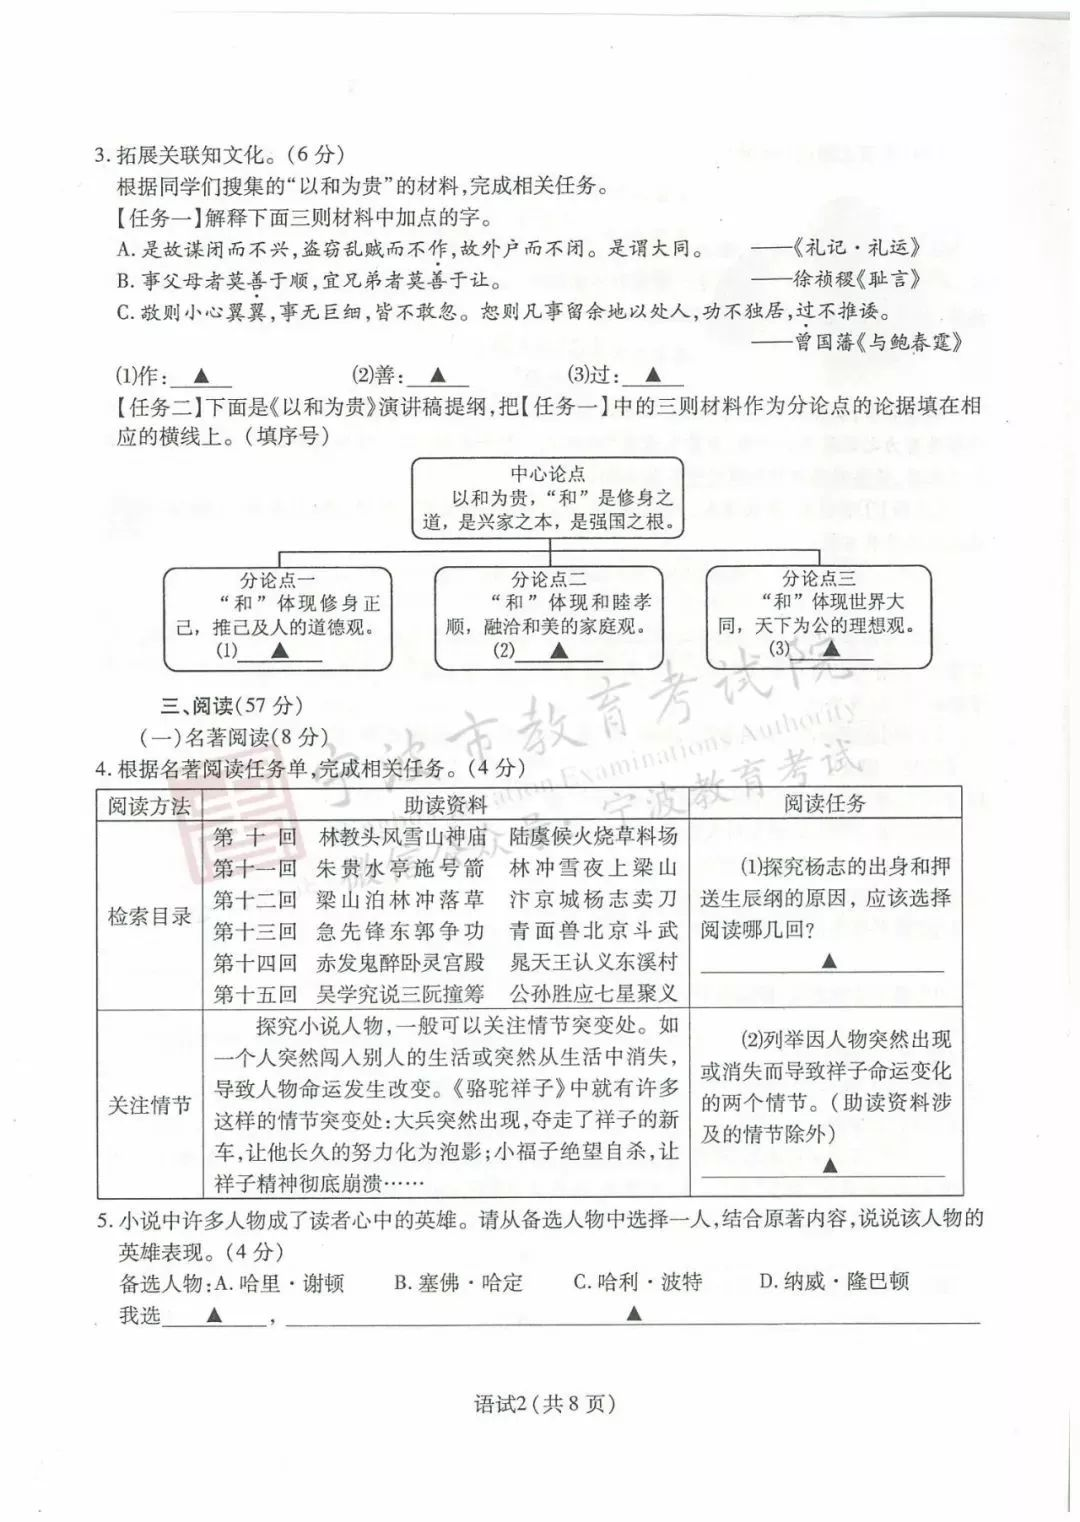 2019年浙江宁波中考《语文》真题及答案已公布